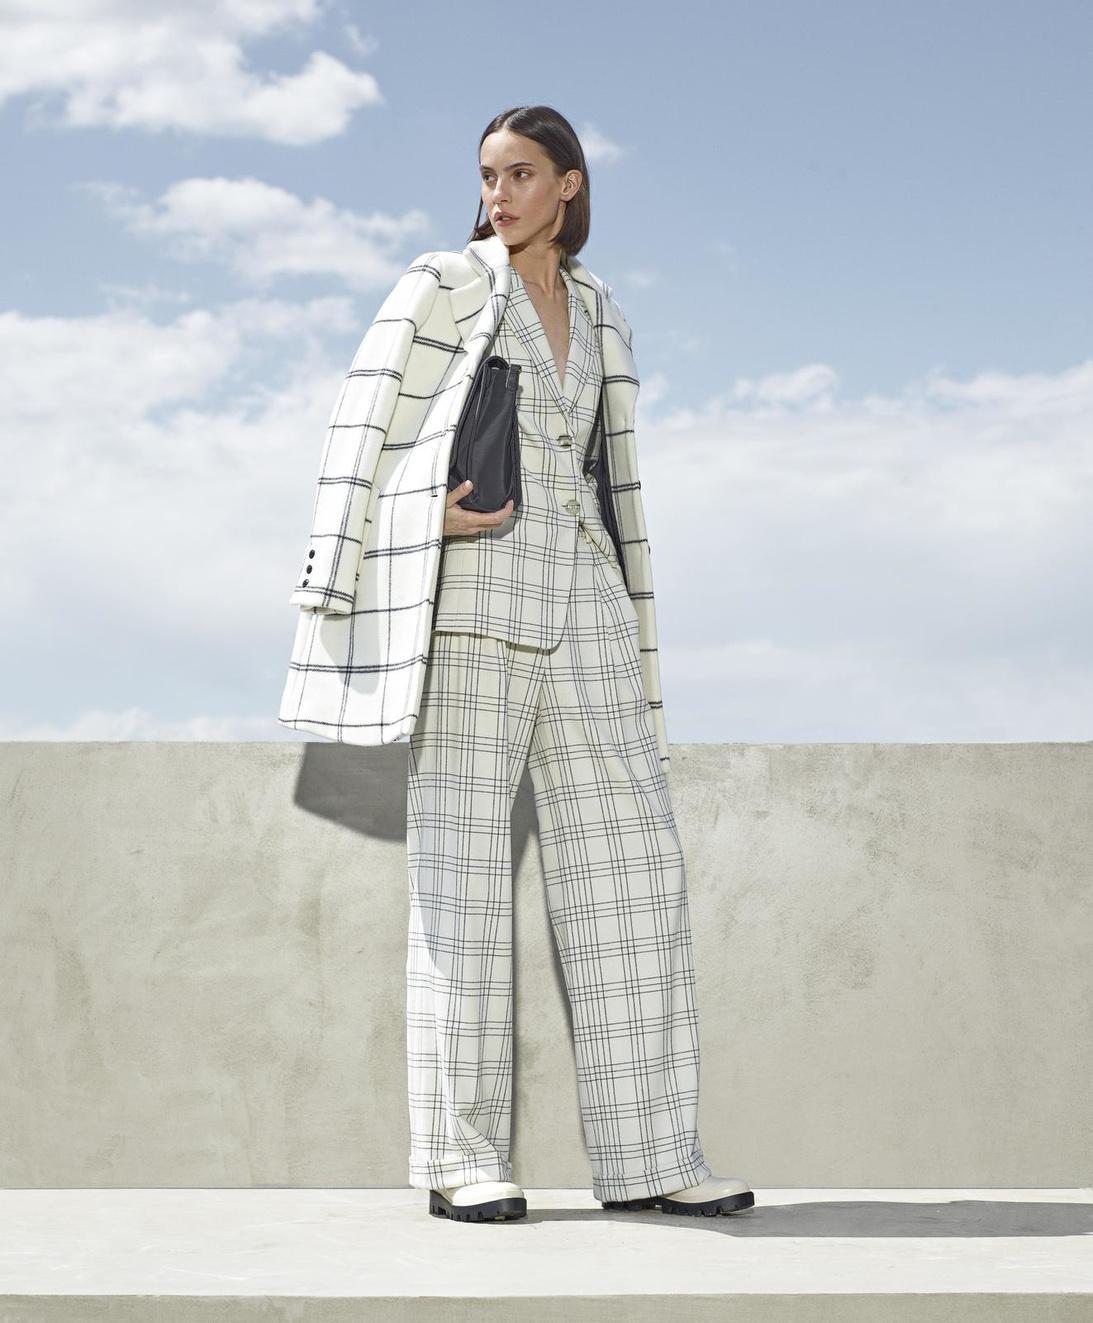 Oversized broekpak en gelijkgestemde jas, van Twinset Milano.